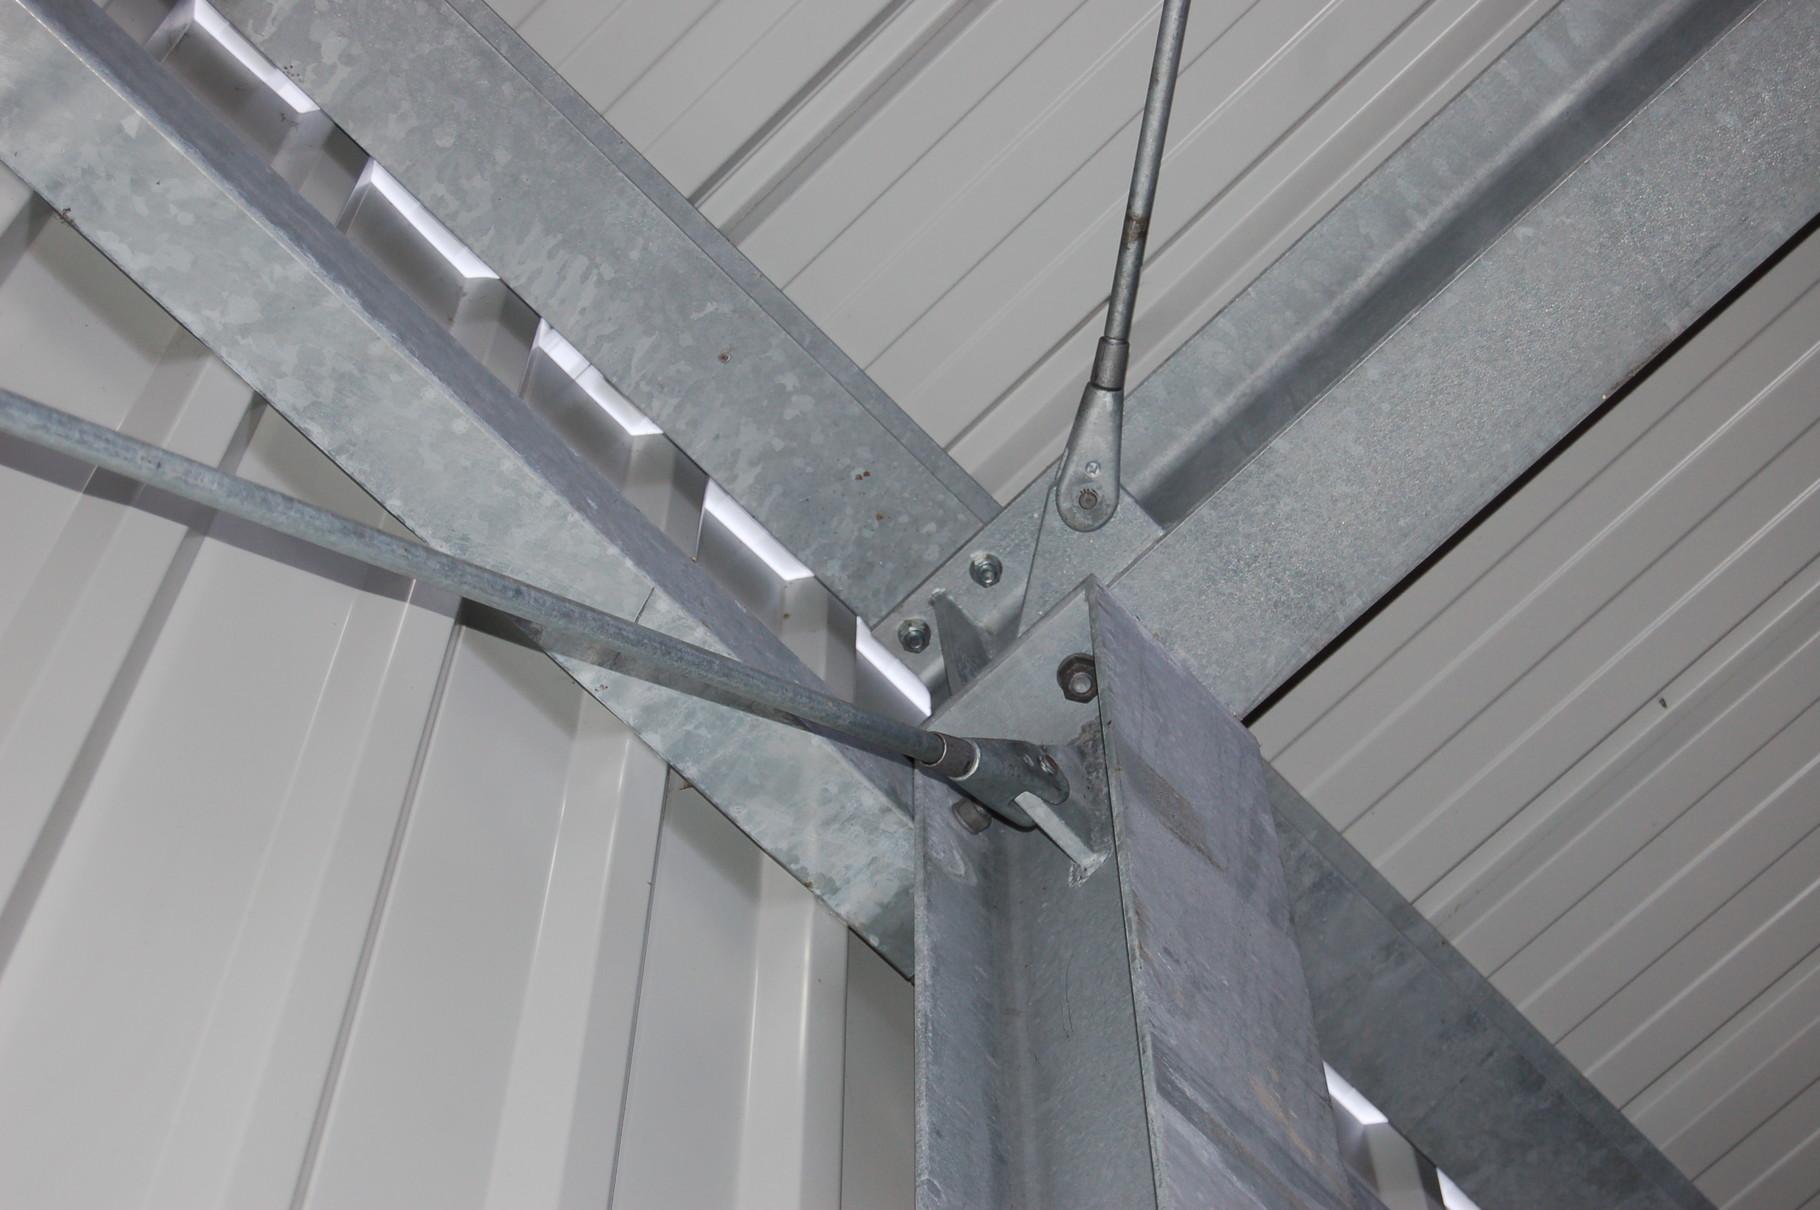 Detailbild einer Stahlkonstruktion der Fa. AM & S